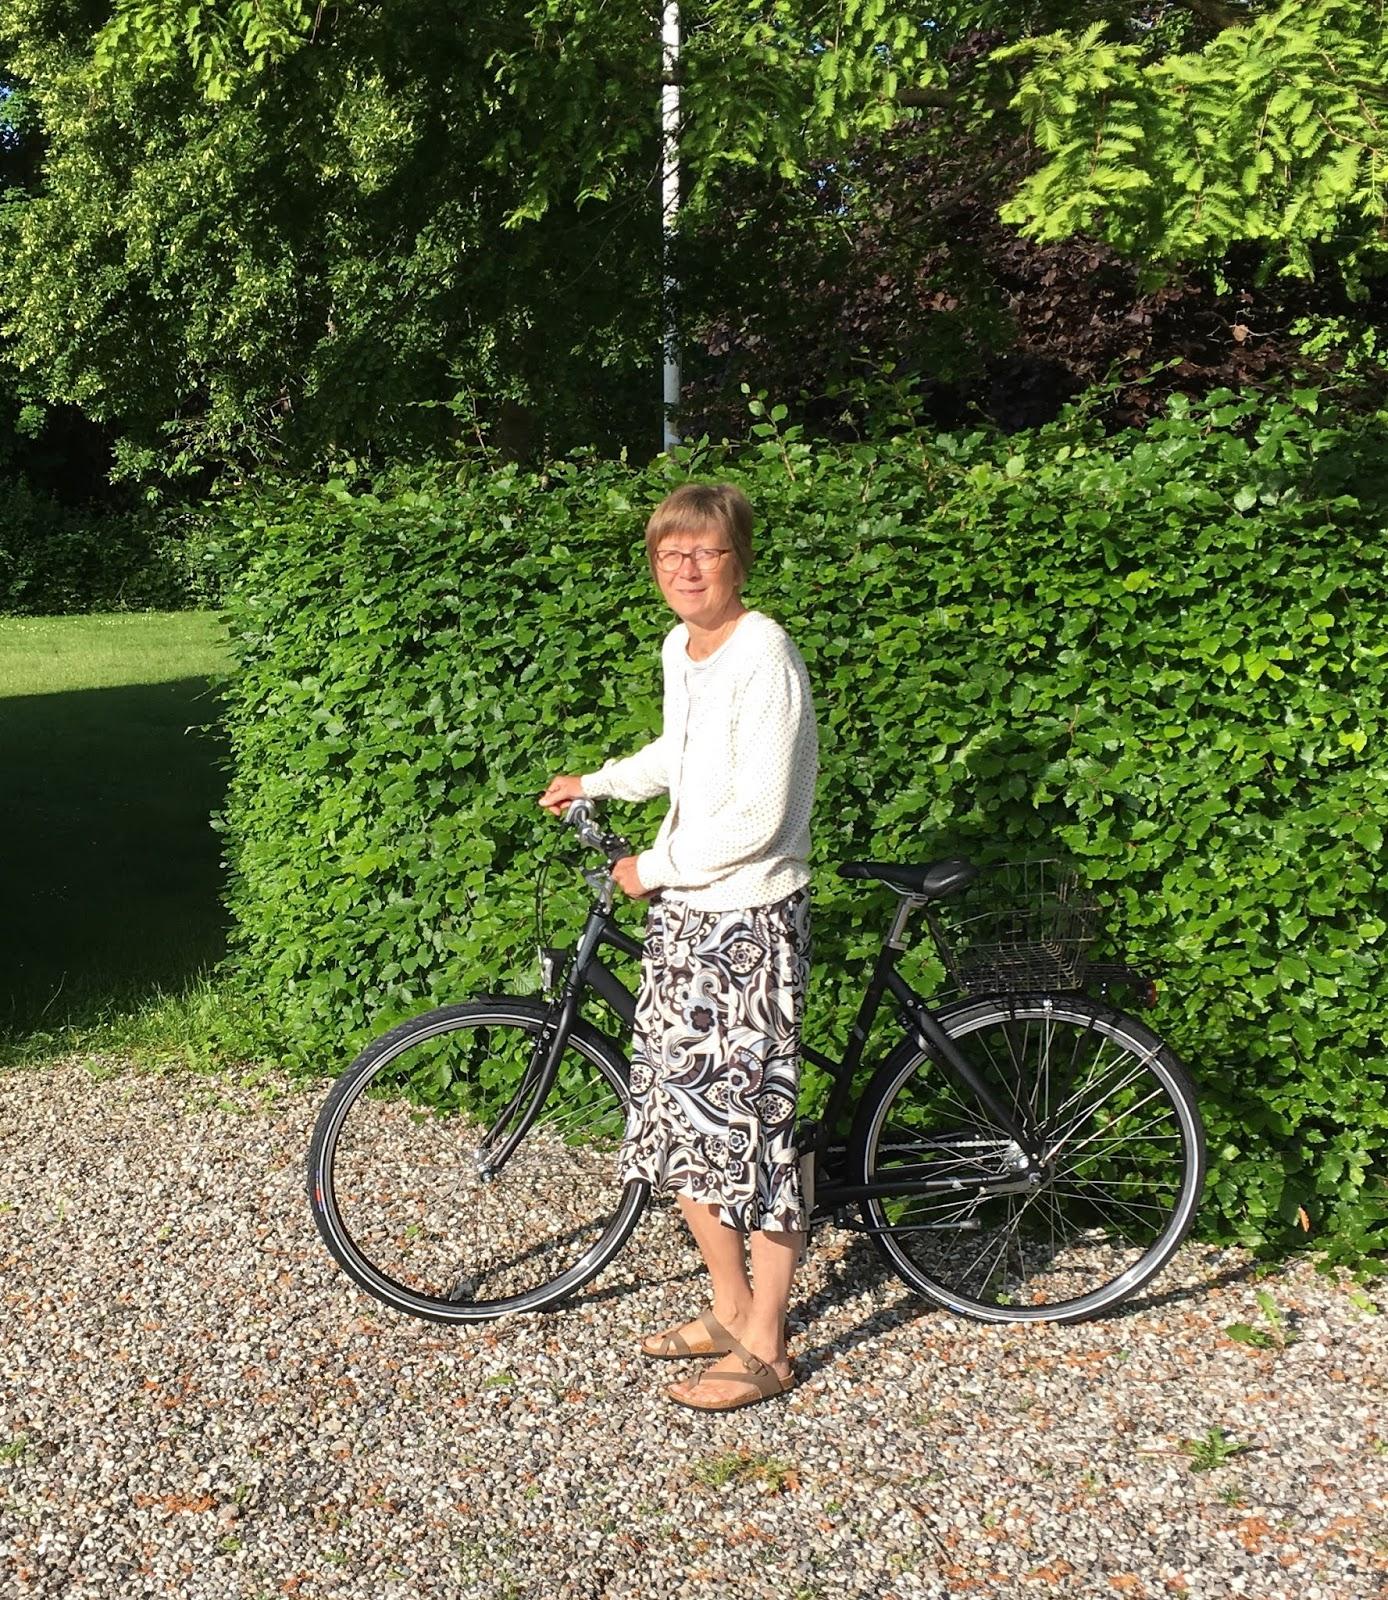 jette cykel udenfor